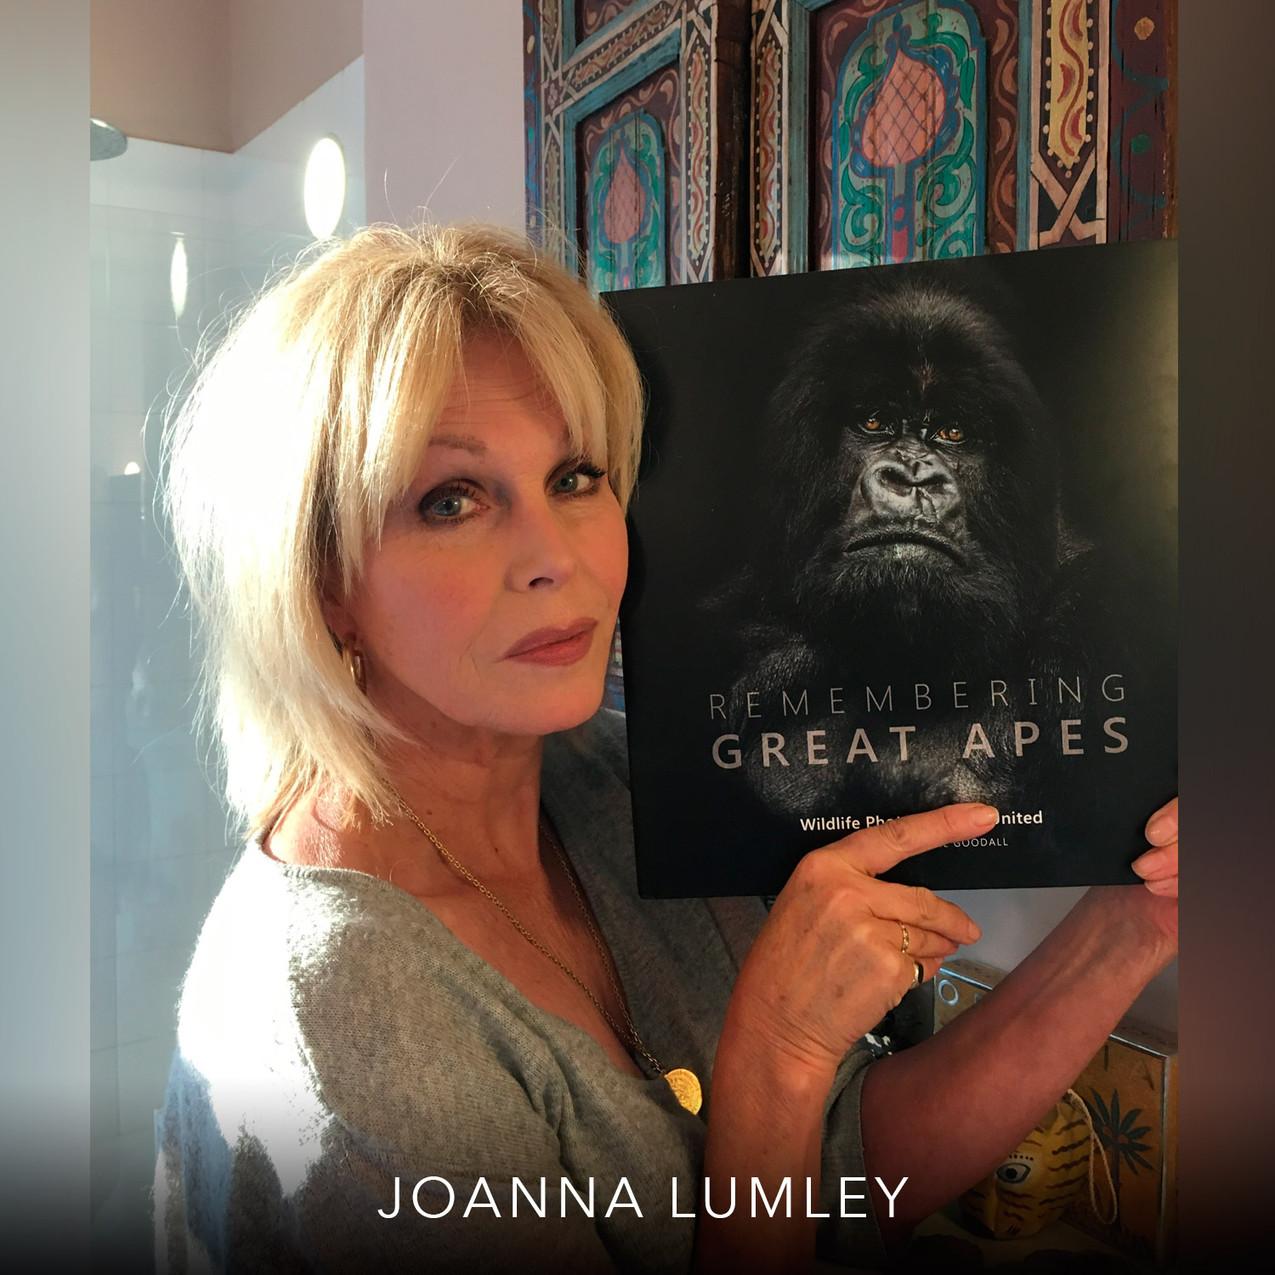 JOANNA_LUMLEY_18